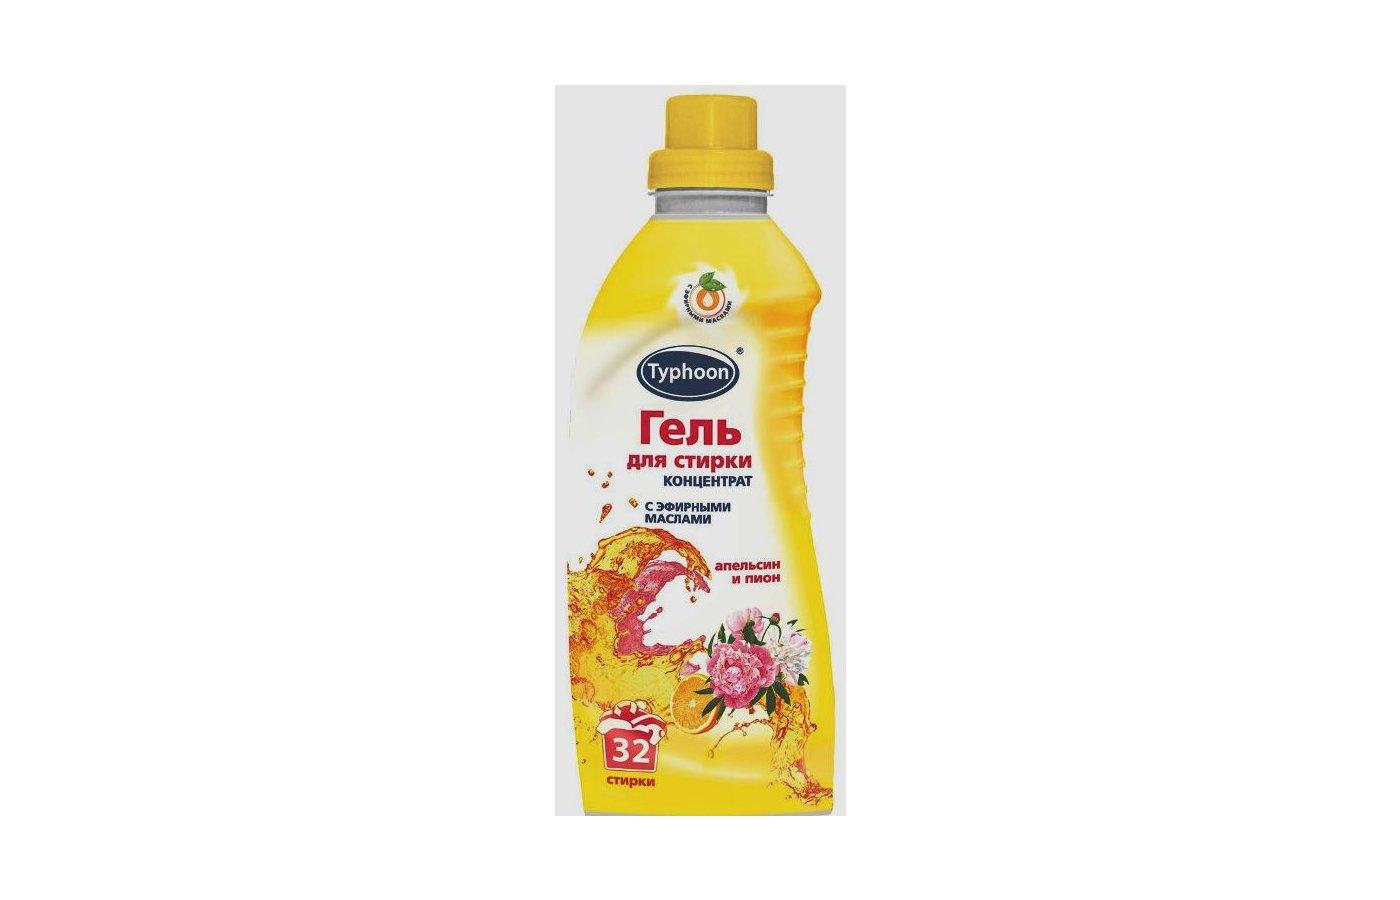 Средства для стирки и от накипи ТАЙФУН 392593 Гель для стирки с эфирными маслами Апельсин и пион. Концентрат 980 мл.